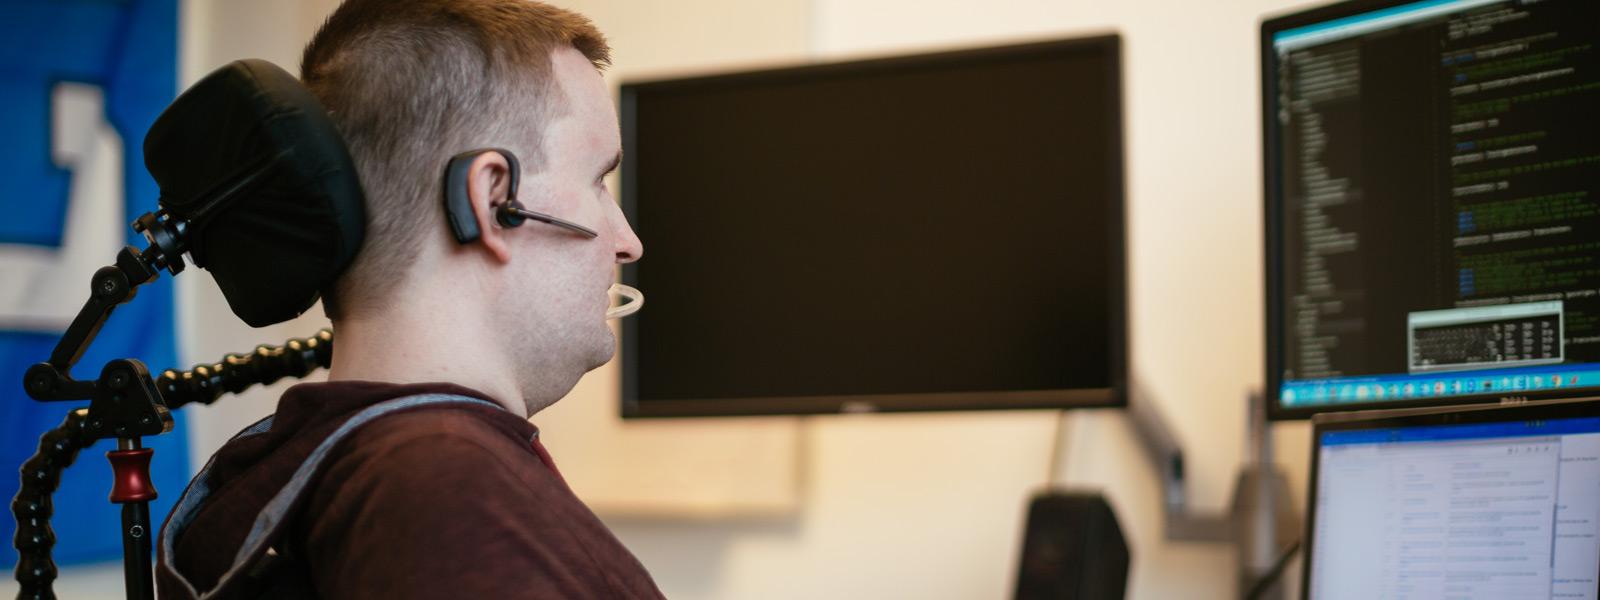 Masada, Windows 10 bilgisayarı gözle denetim ile çalıştırmak için yardımcı donanım teknolojisini kullanan adam